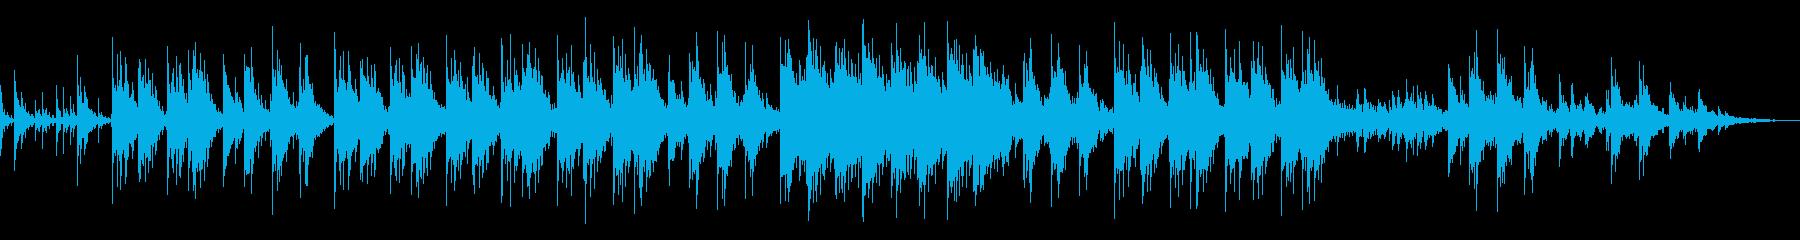 穏やかなアコギBGMの再生済みの波形